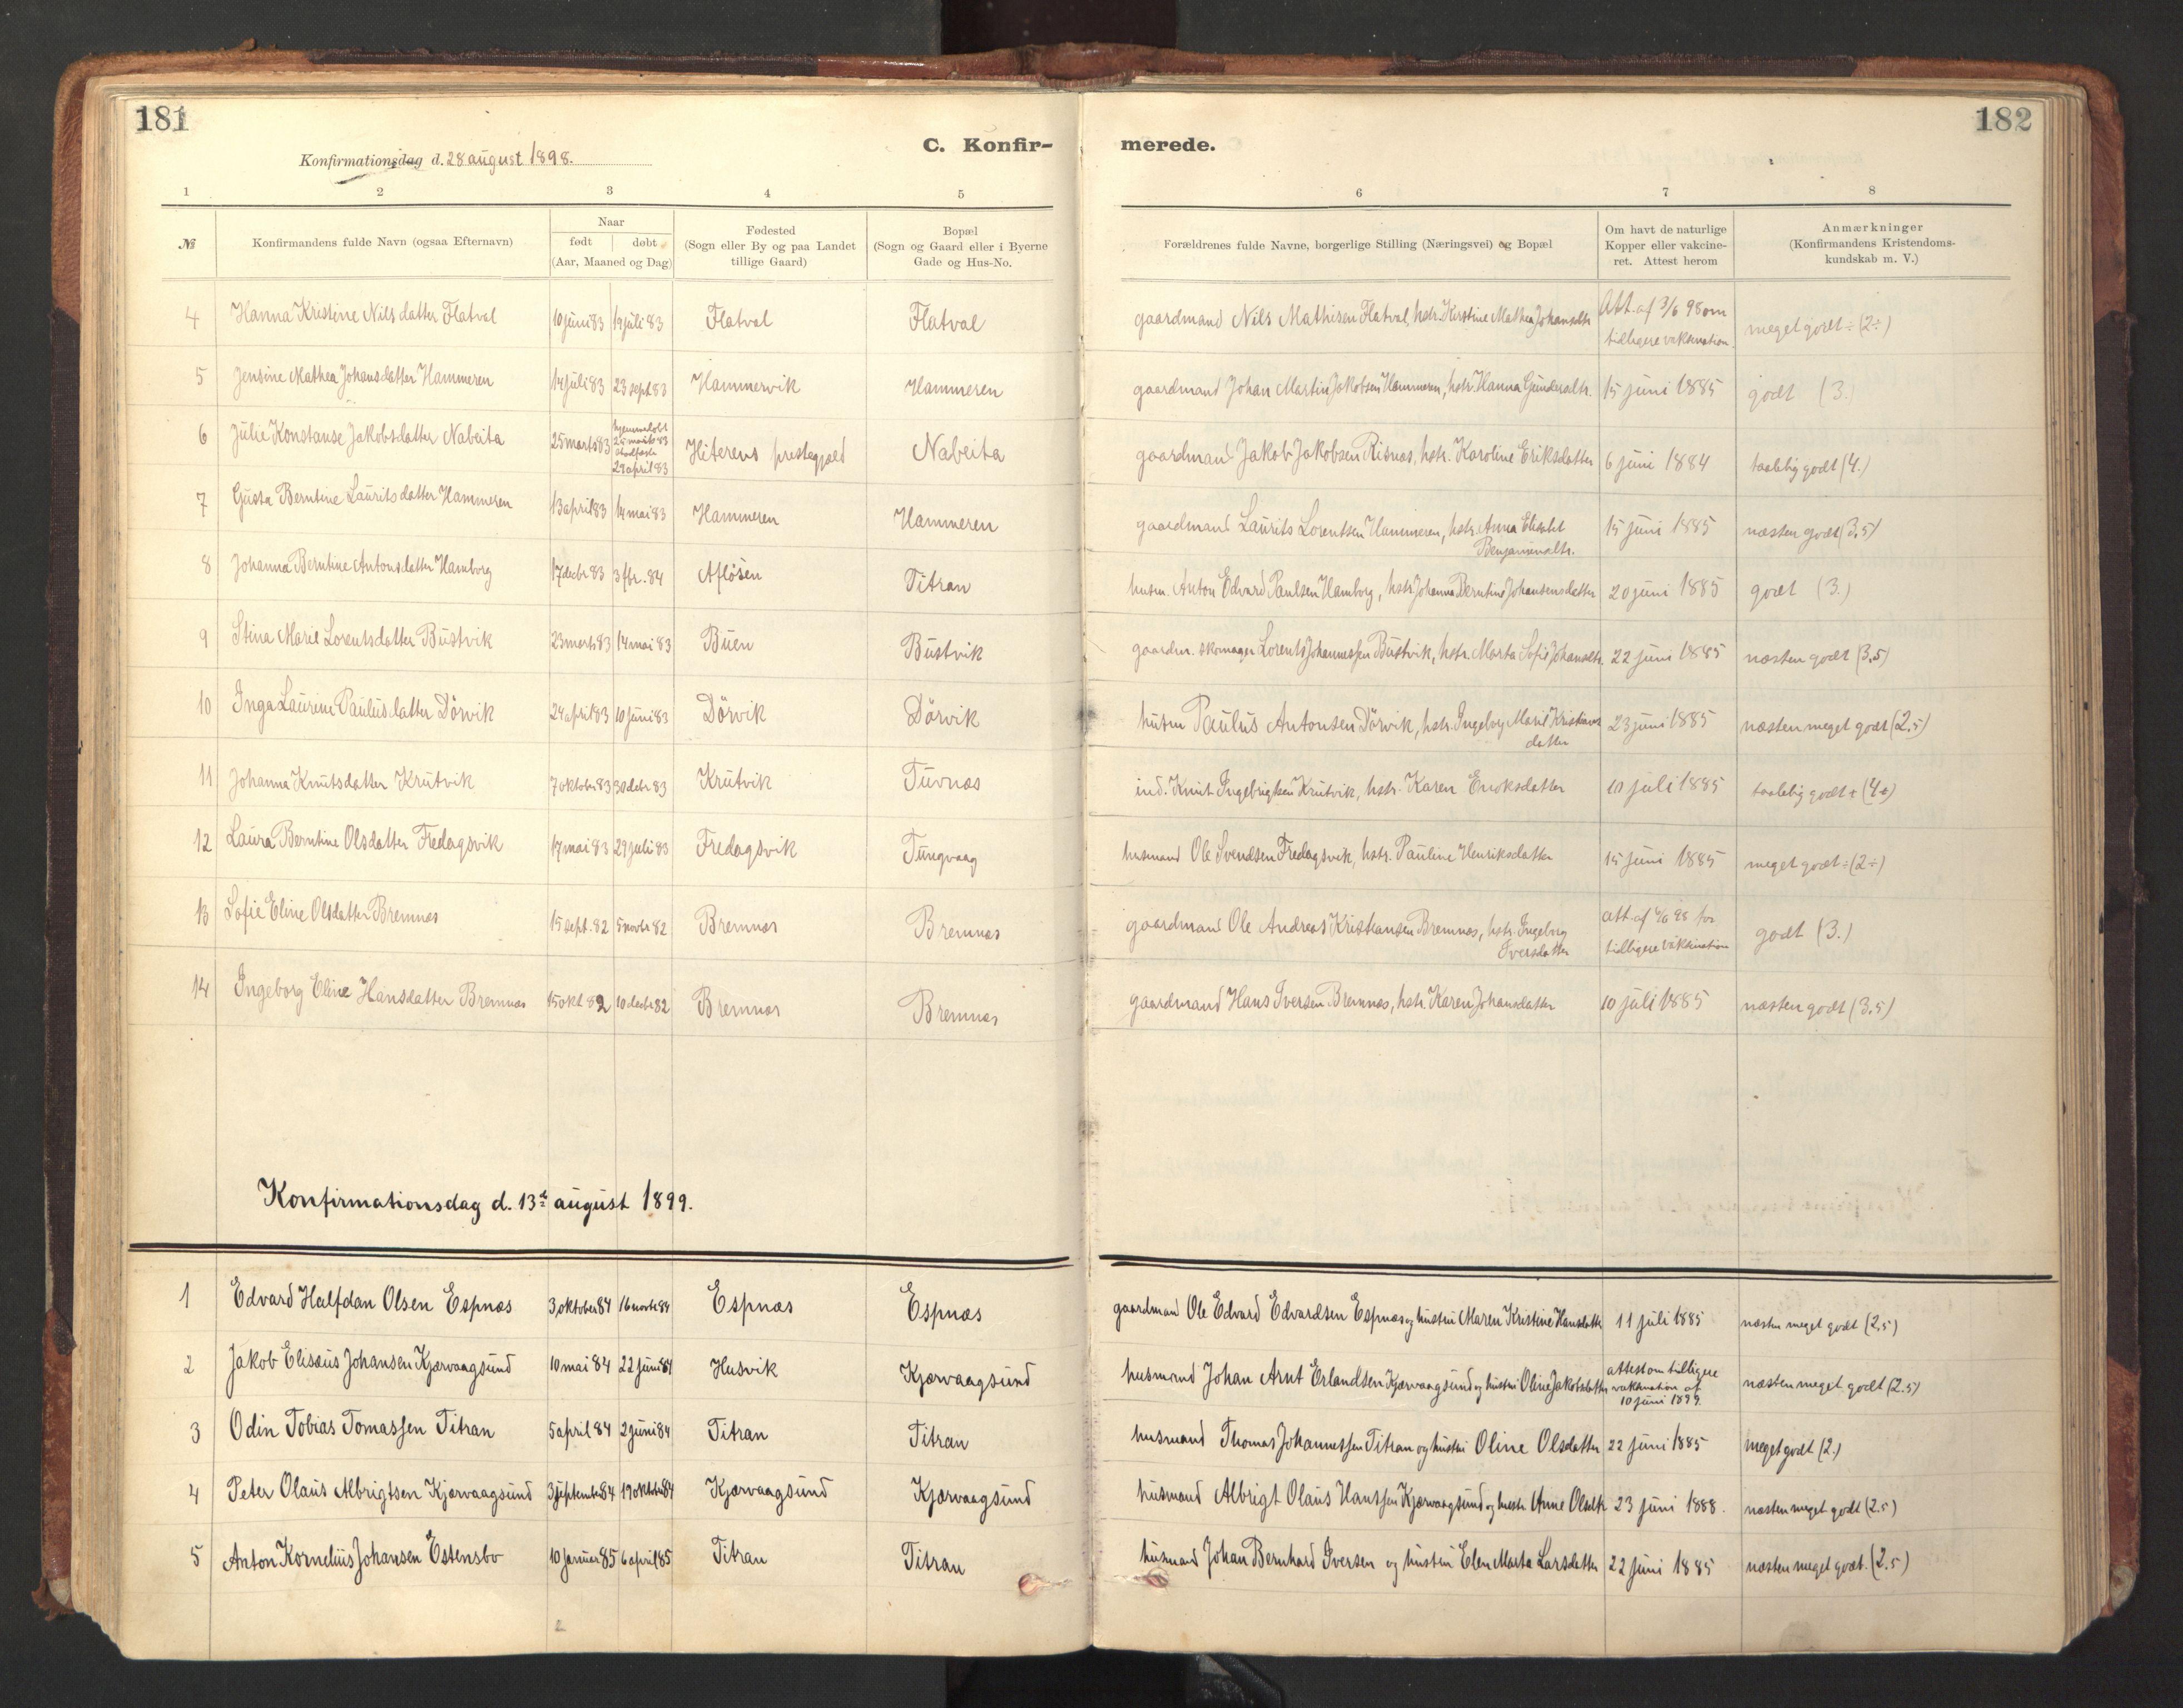 SAT, Ministerialprotokoller, klokkerbøker og fødselsregistre - Sør-Trøndelag, 641/L0596: Ministerialbok nr. 641A02, 1898-1915, s. 181-182